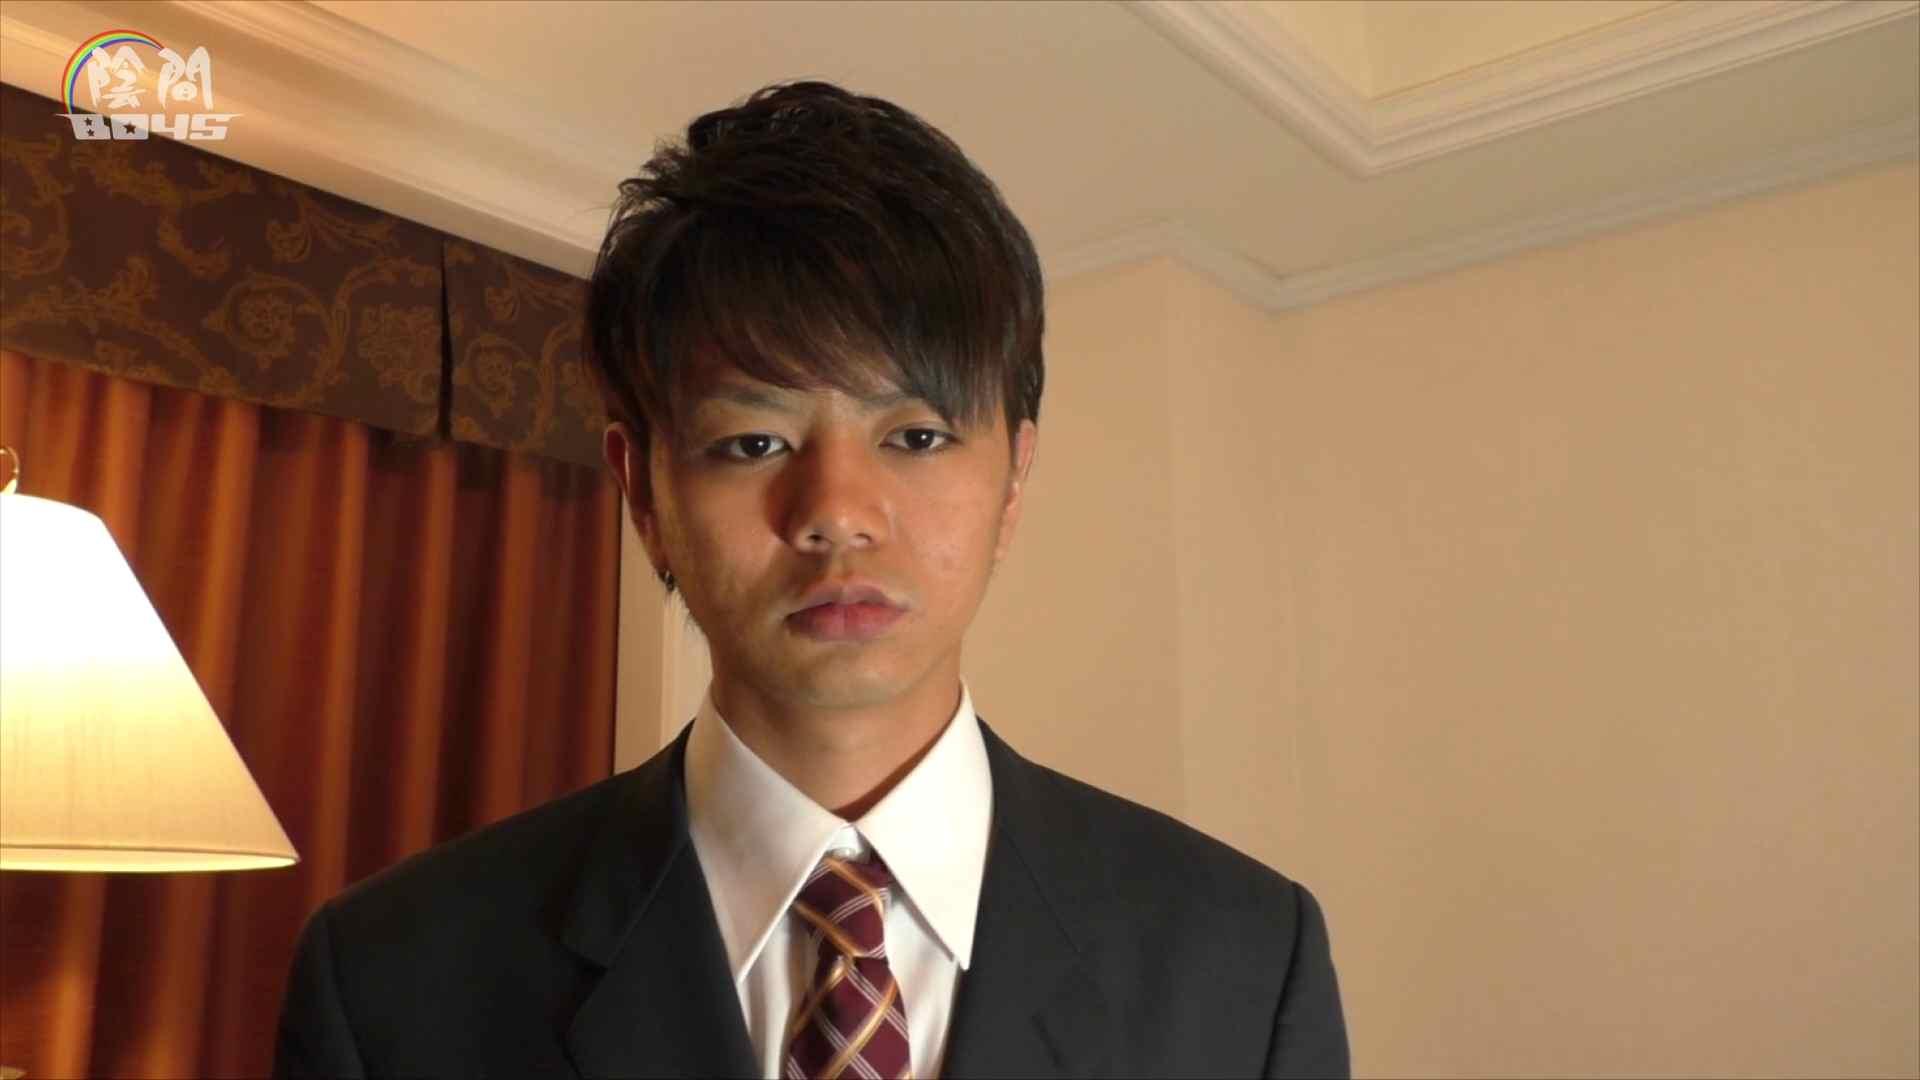 陰間BOYS~キャバクラの仕事はアナルから4 Vol.01 アナル ゲイザーメン画像 82枚 57